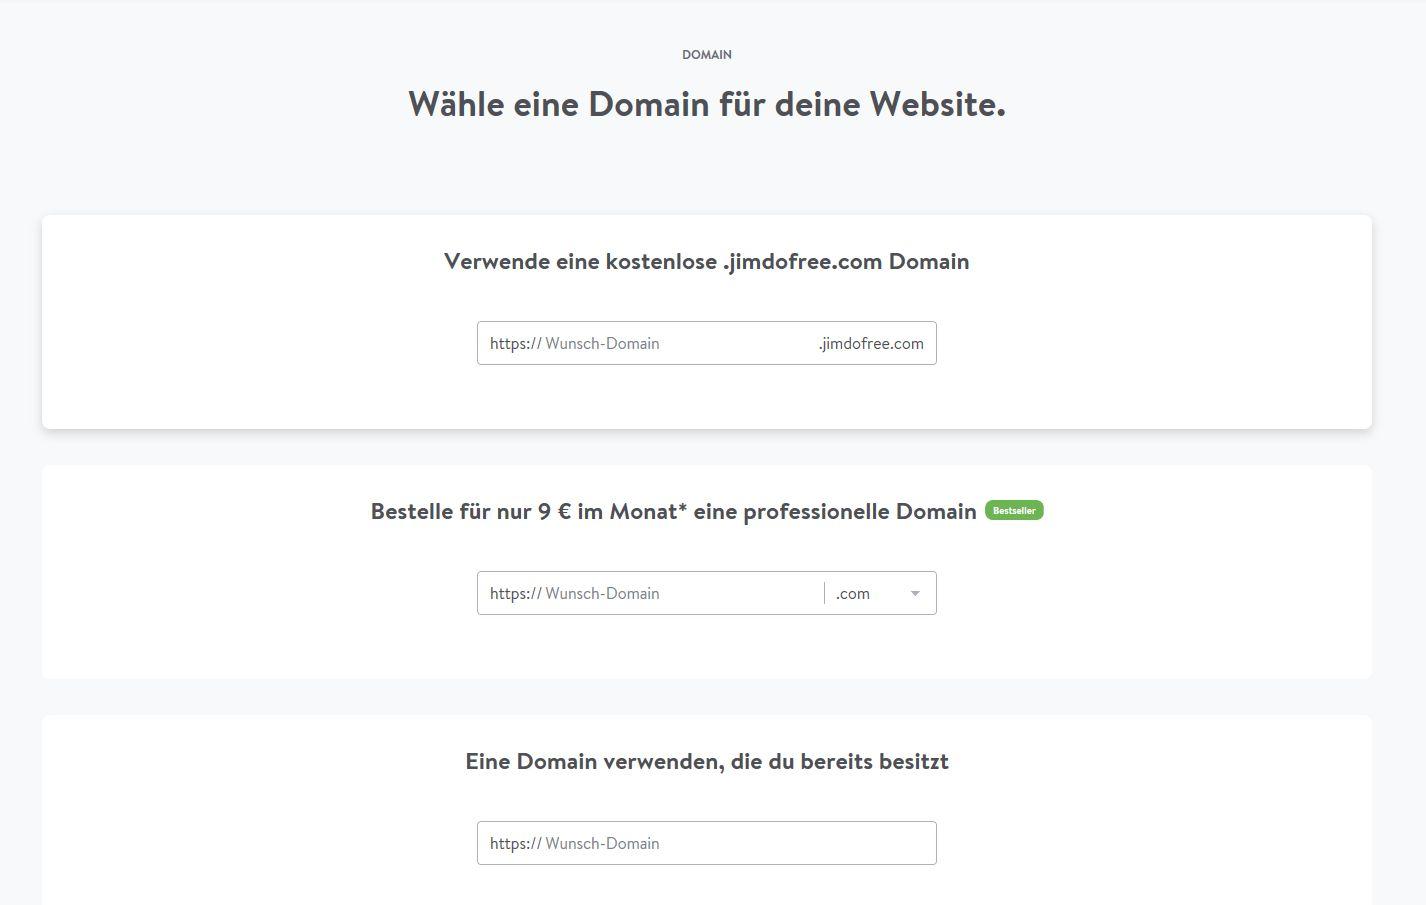 Kostenlose Website erstellen mit Jimdo - Schritt 6: Domain wählen